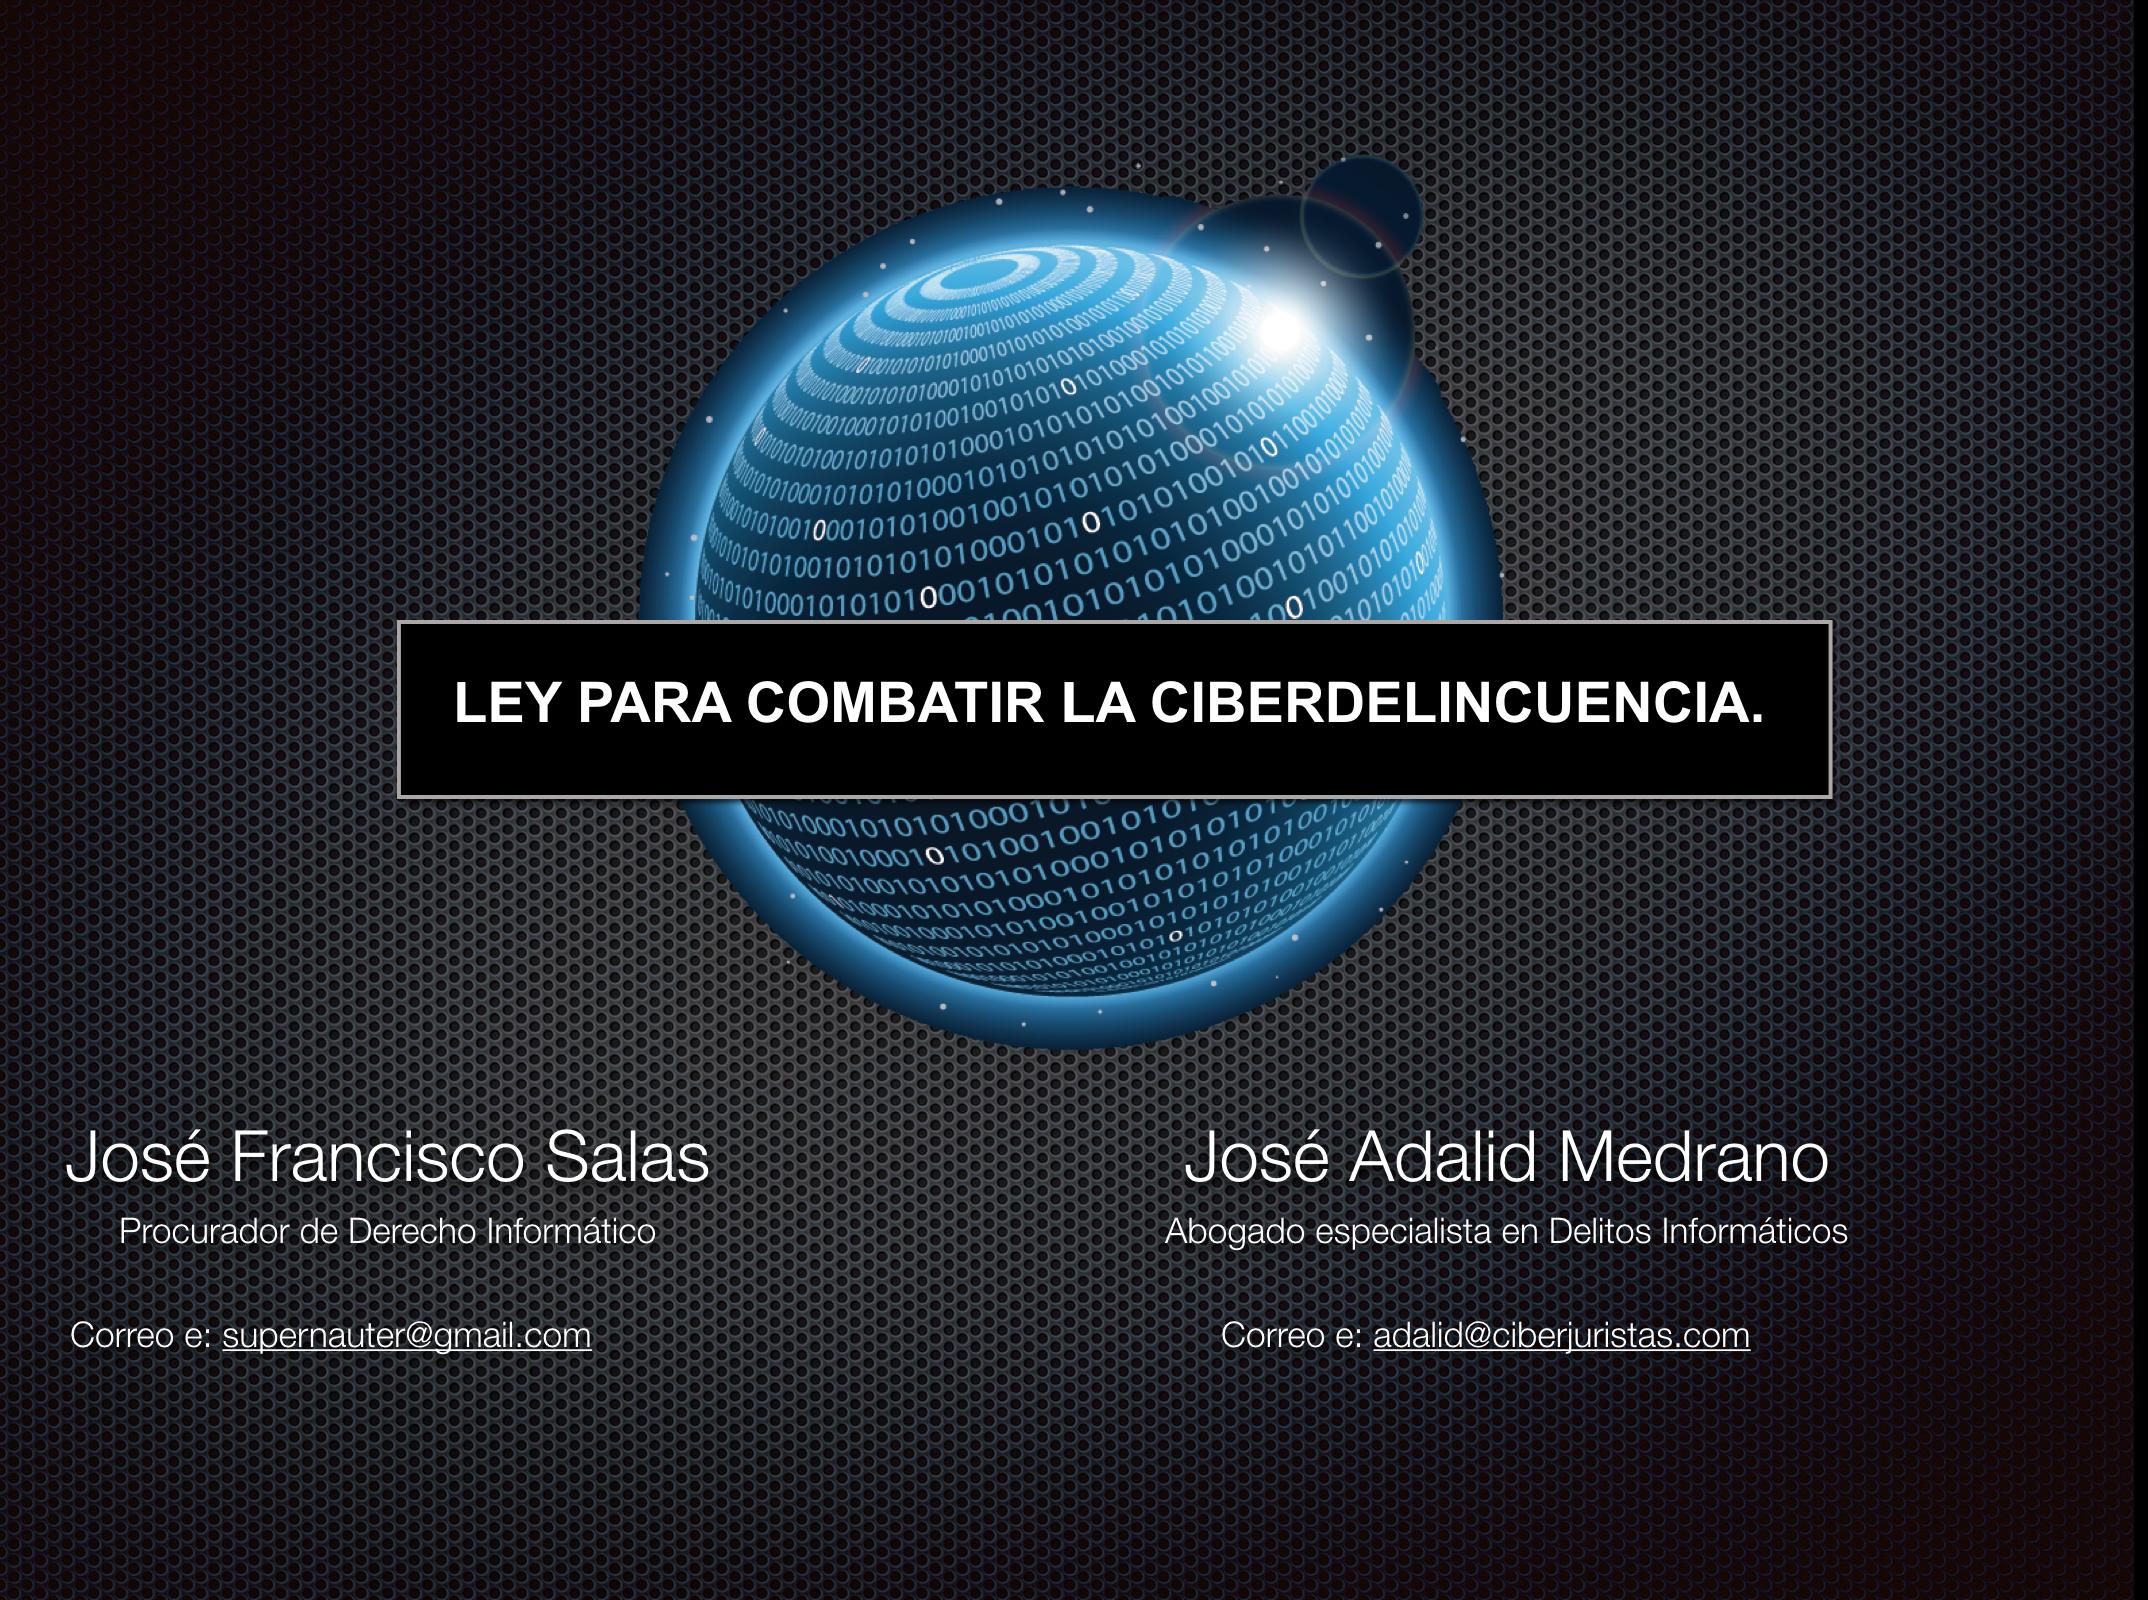 https://adalidmedrano.com/wp-content/uploads/2018/12/ley-para-combatir-la-ciberdelincuencia.png